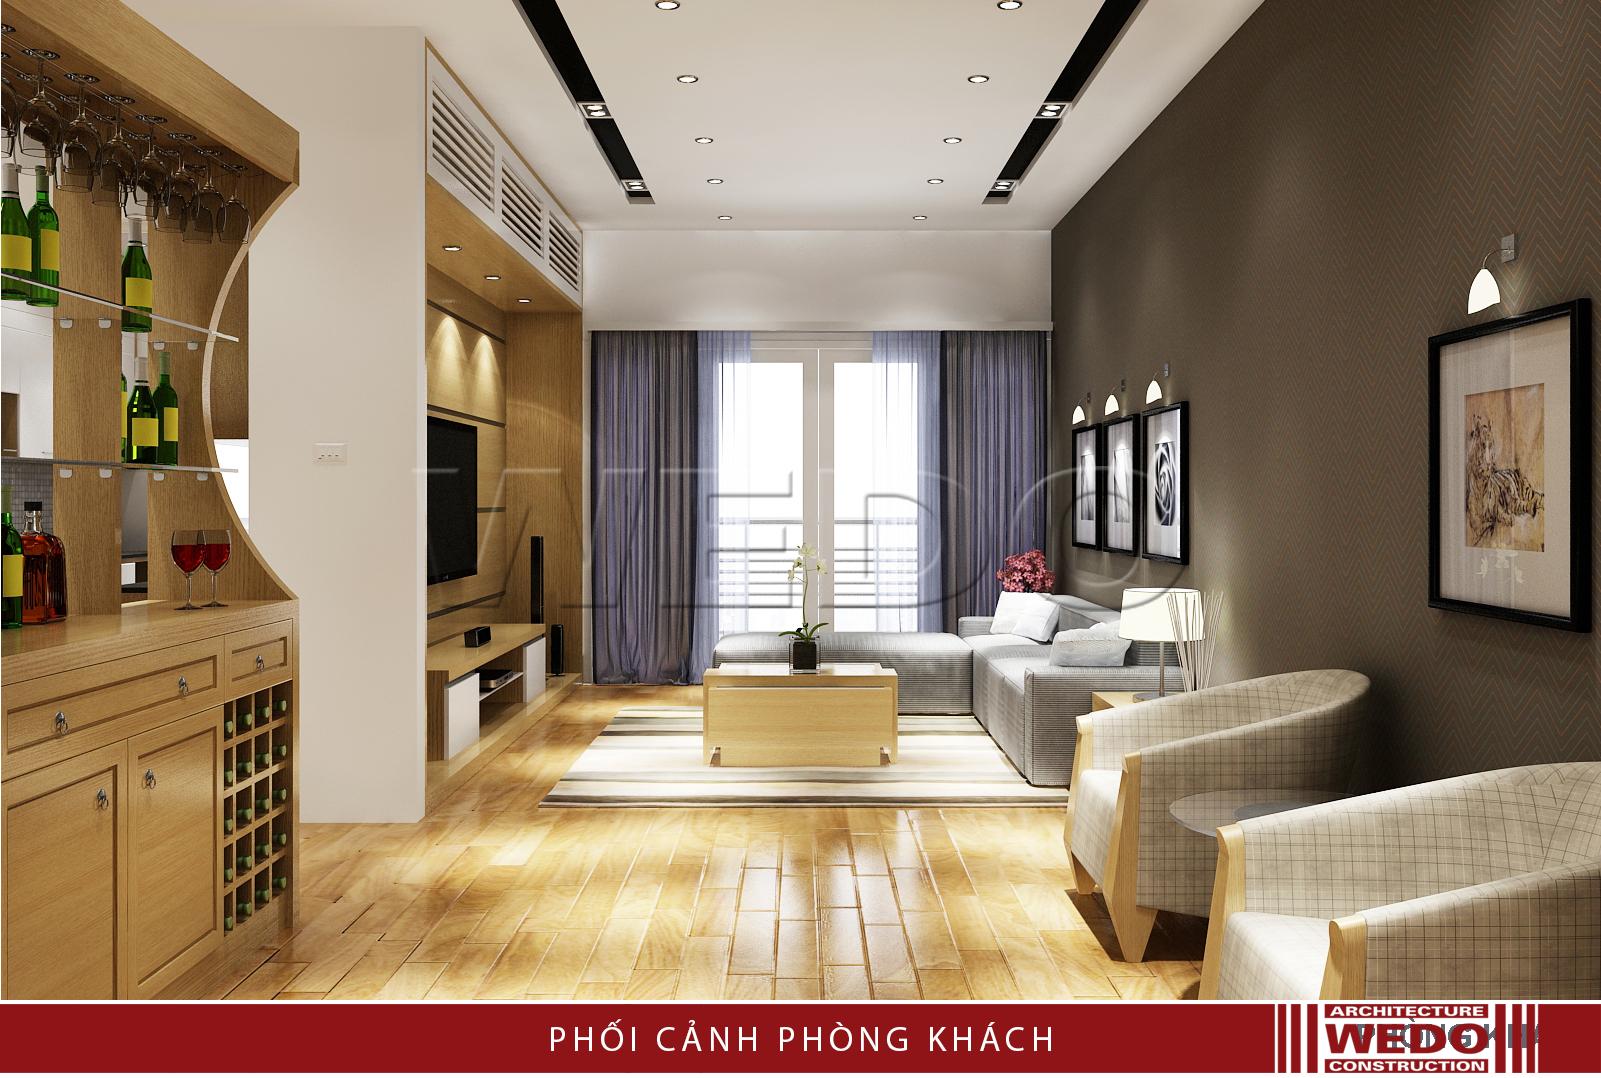 Thiết kế nội thất phòng khách - Chung cư